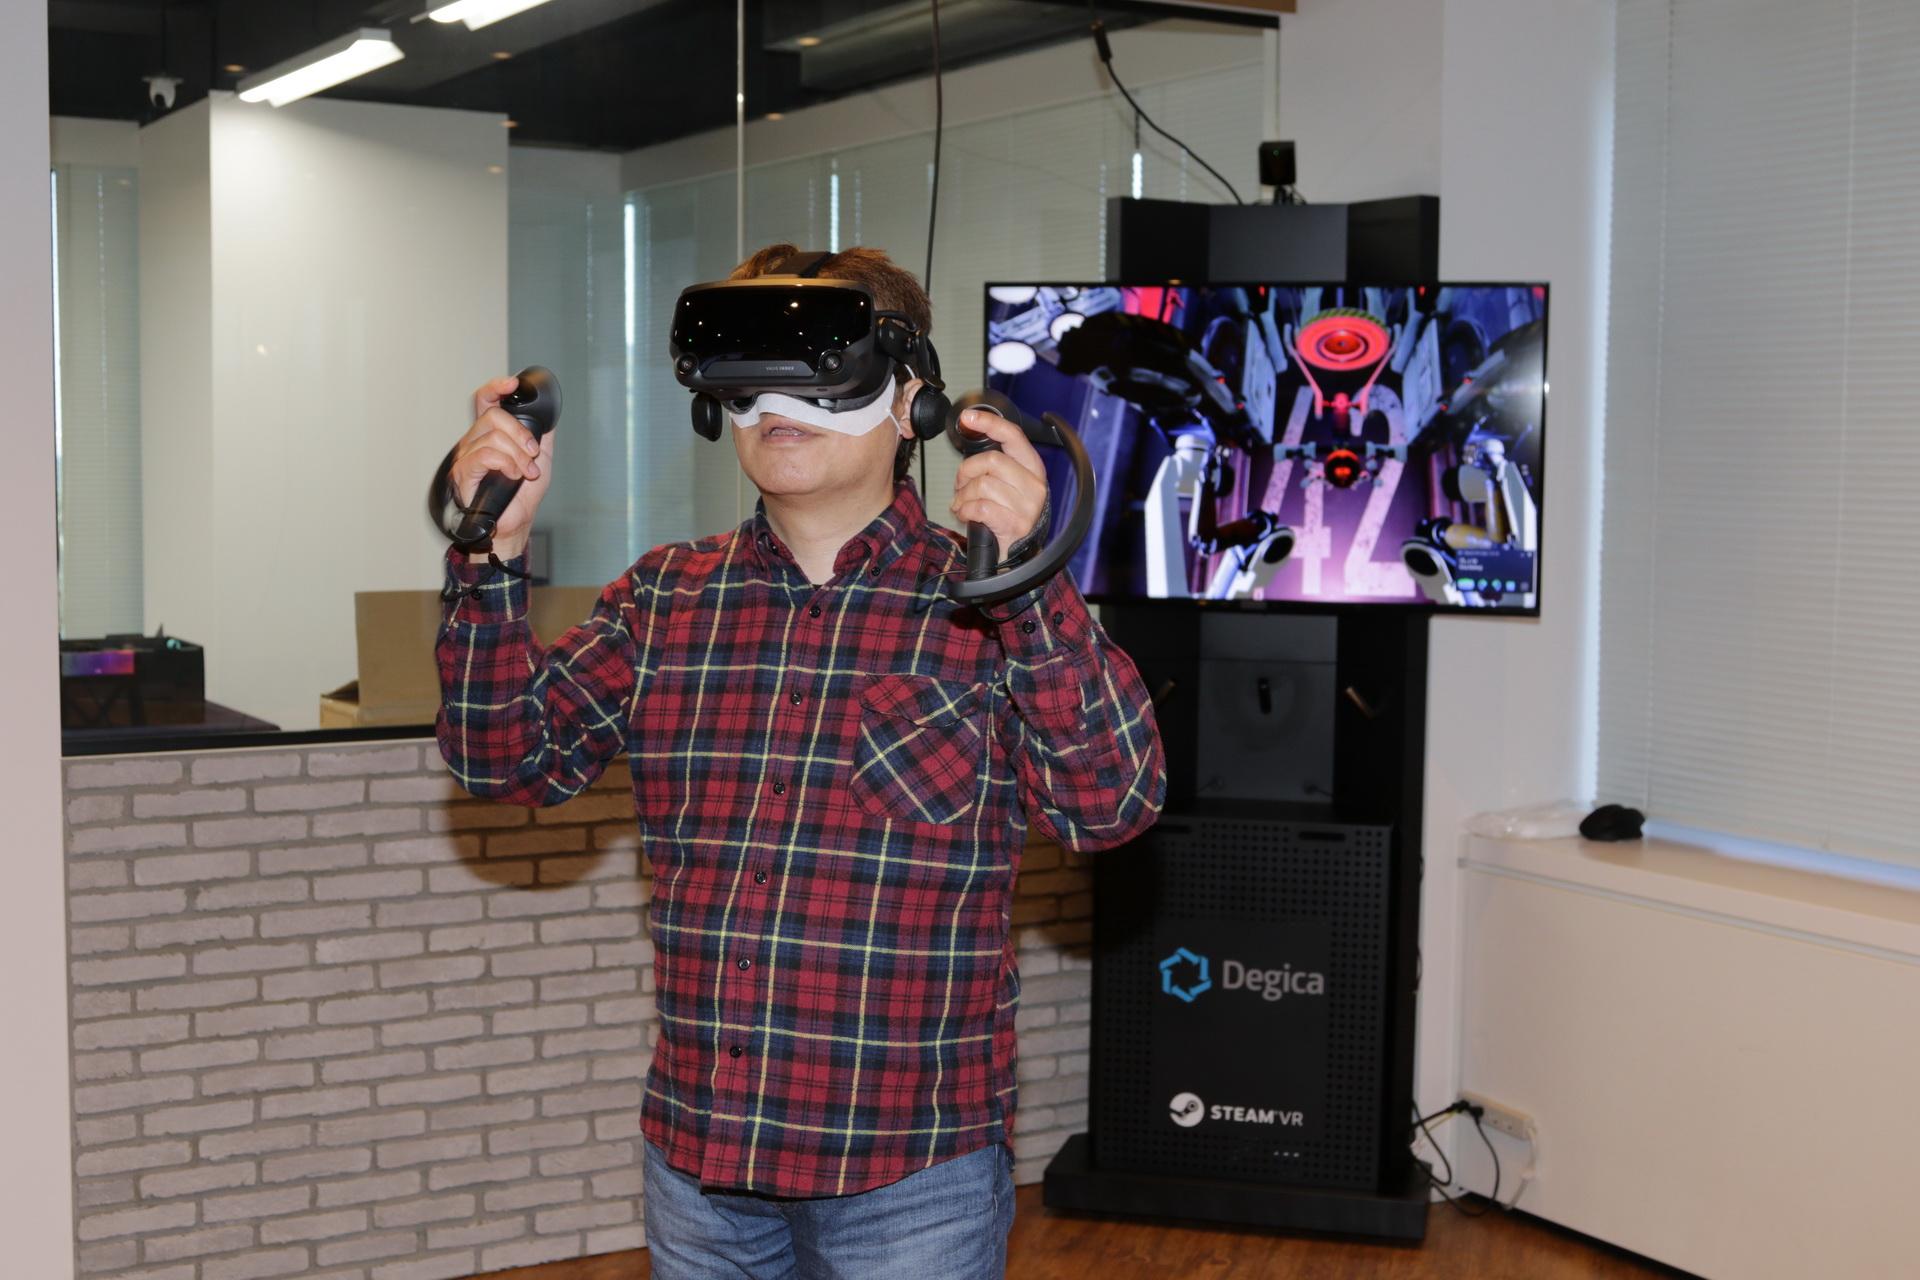 VR体験中。後ろの画面のように、2本の手があるロボットに言われるまま、手を上げたりして操作していく